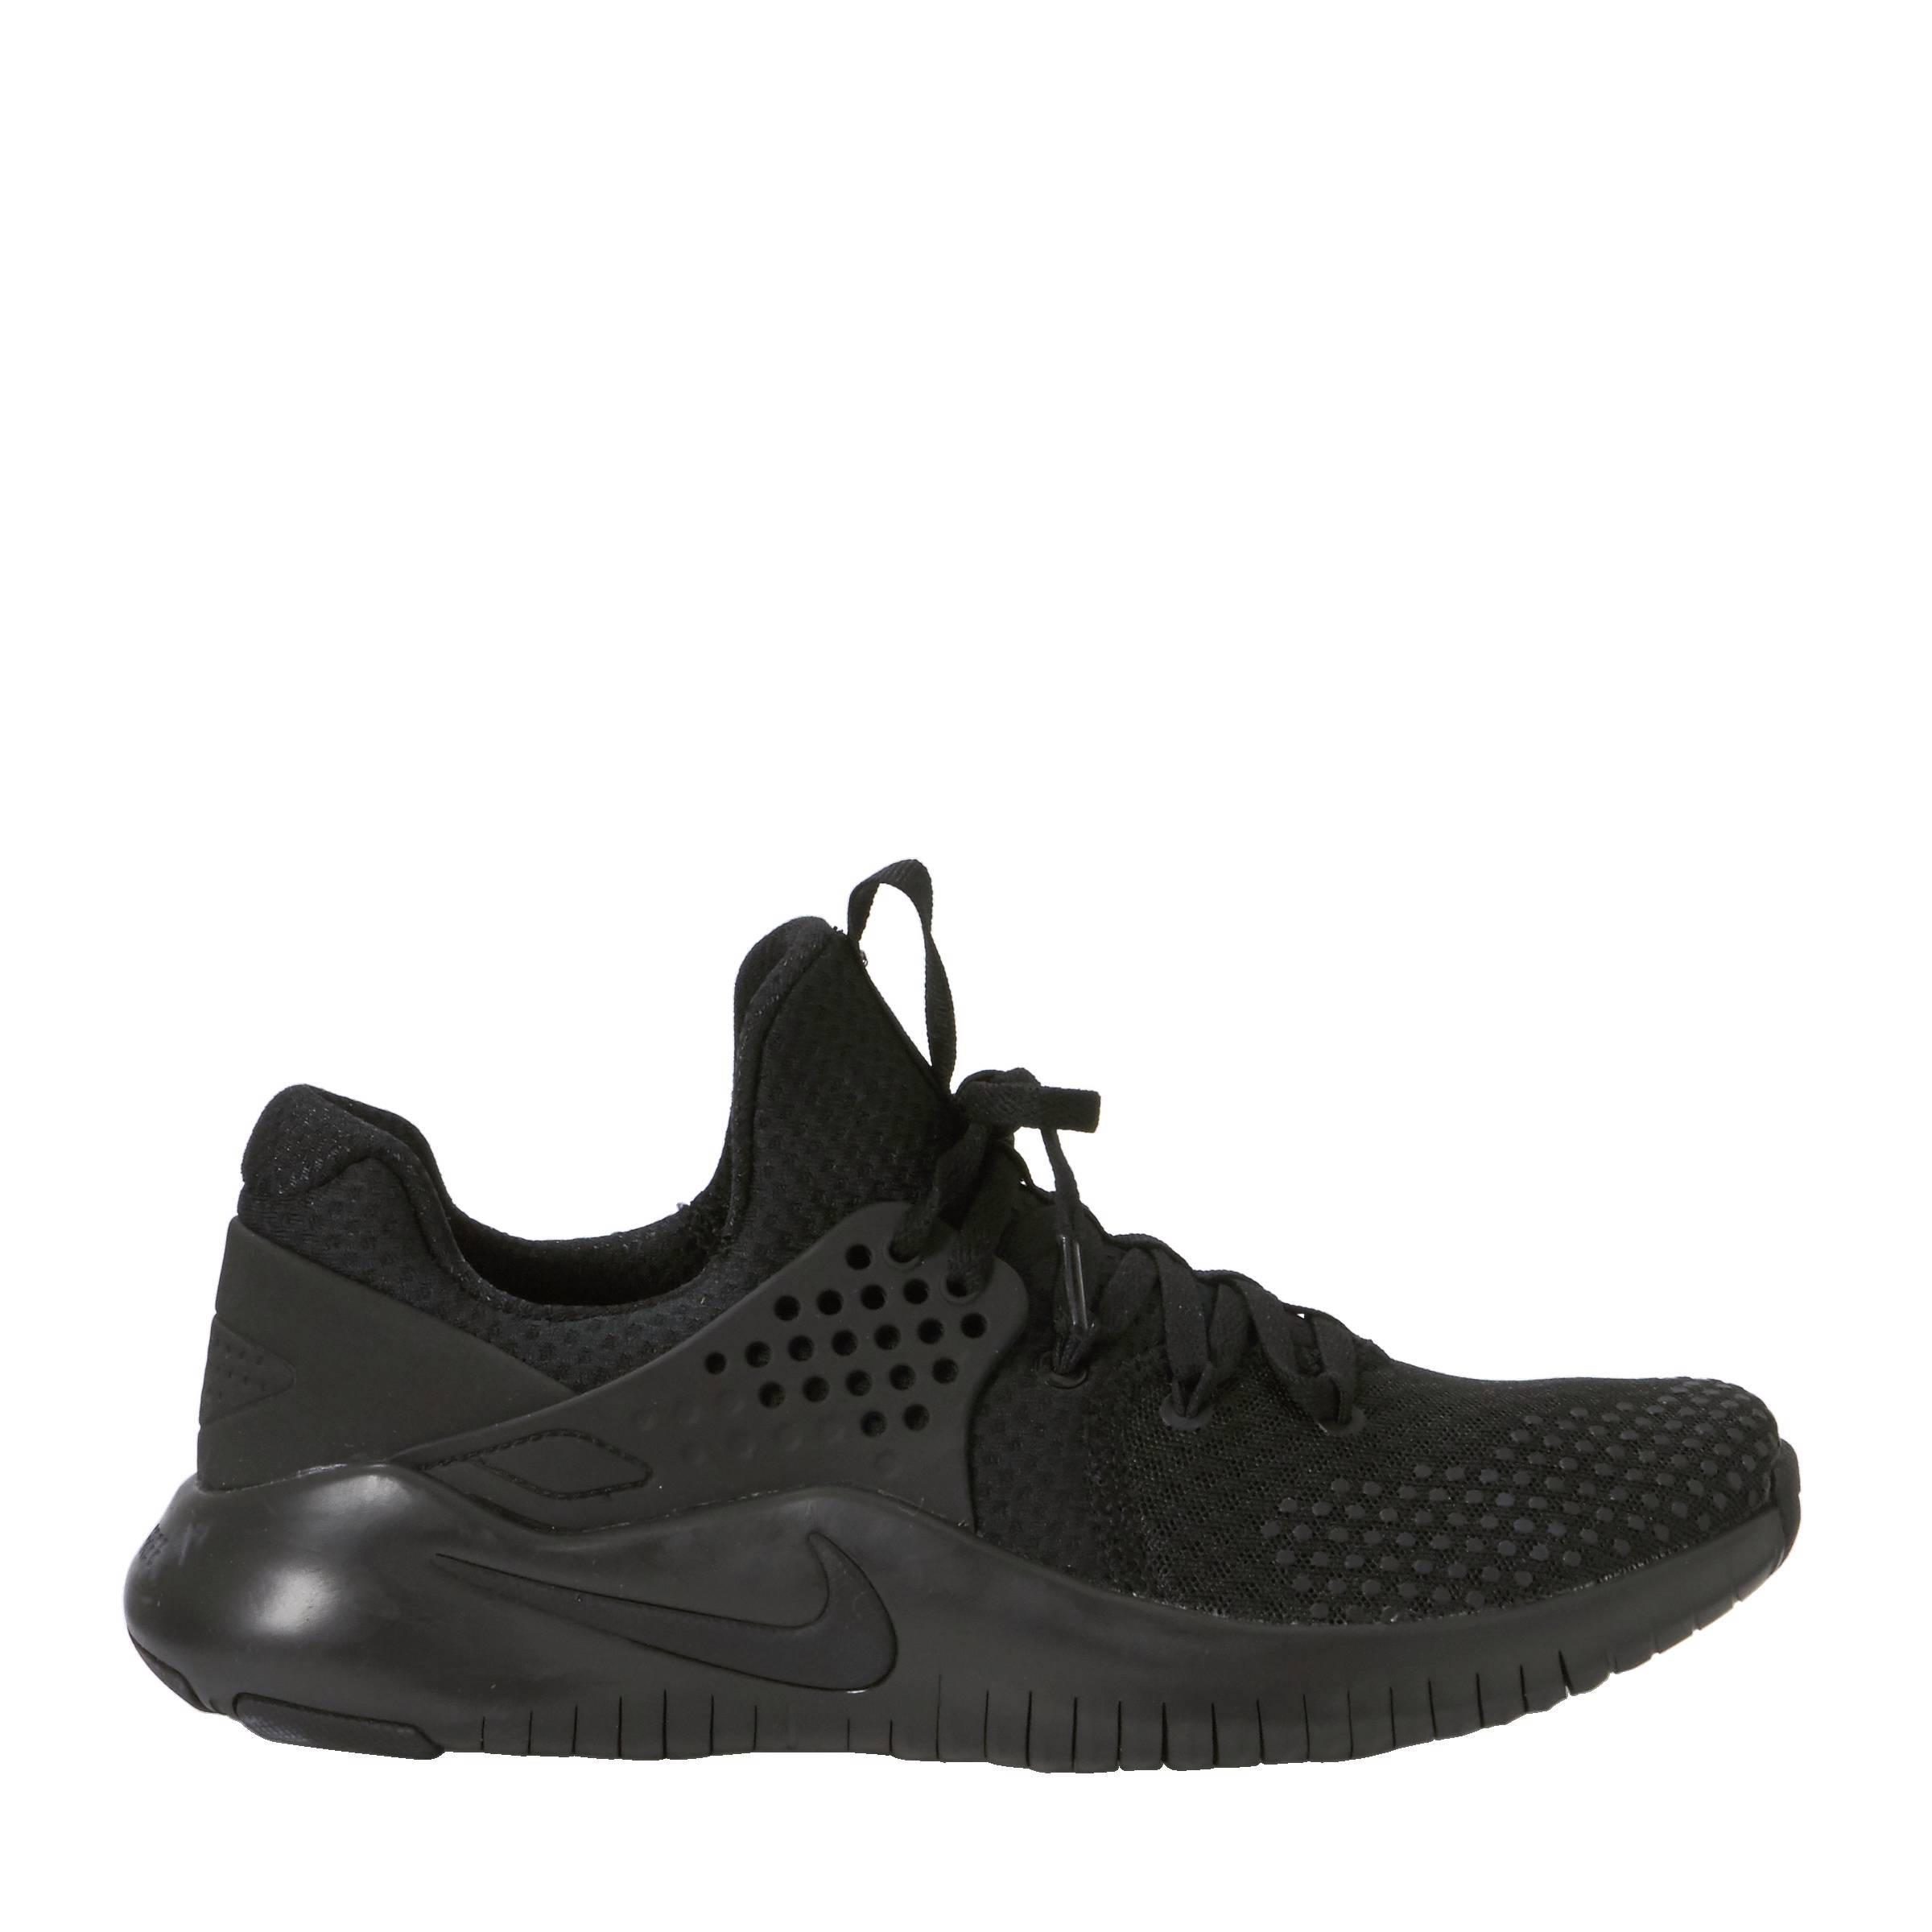 super popular c07ae 720fd nike-free-trainer-v8-fitness-schoenen-heren-zwart-0887232439279.jpg